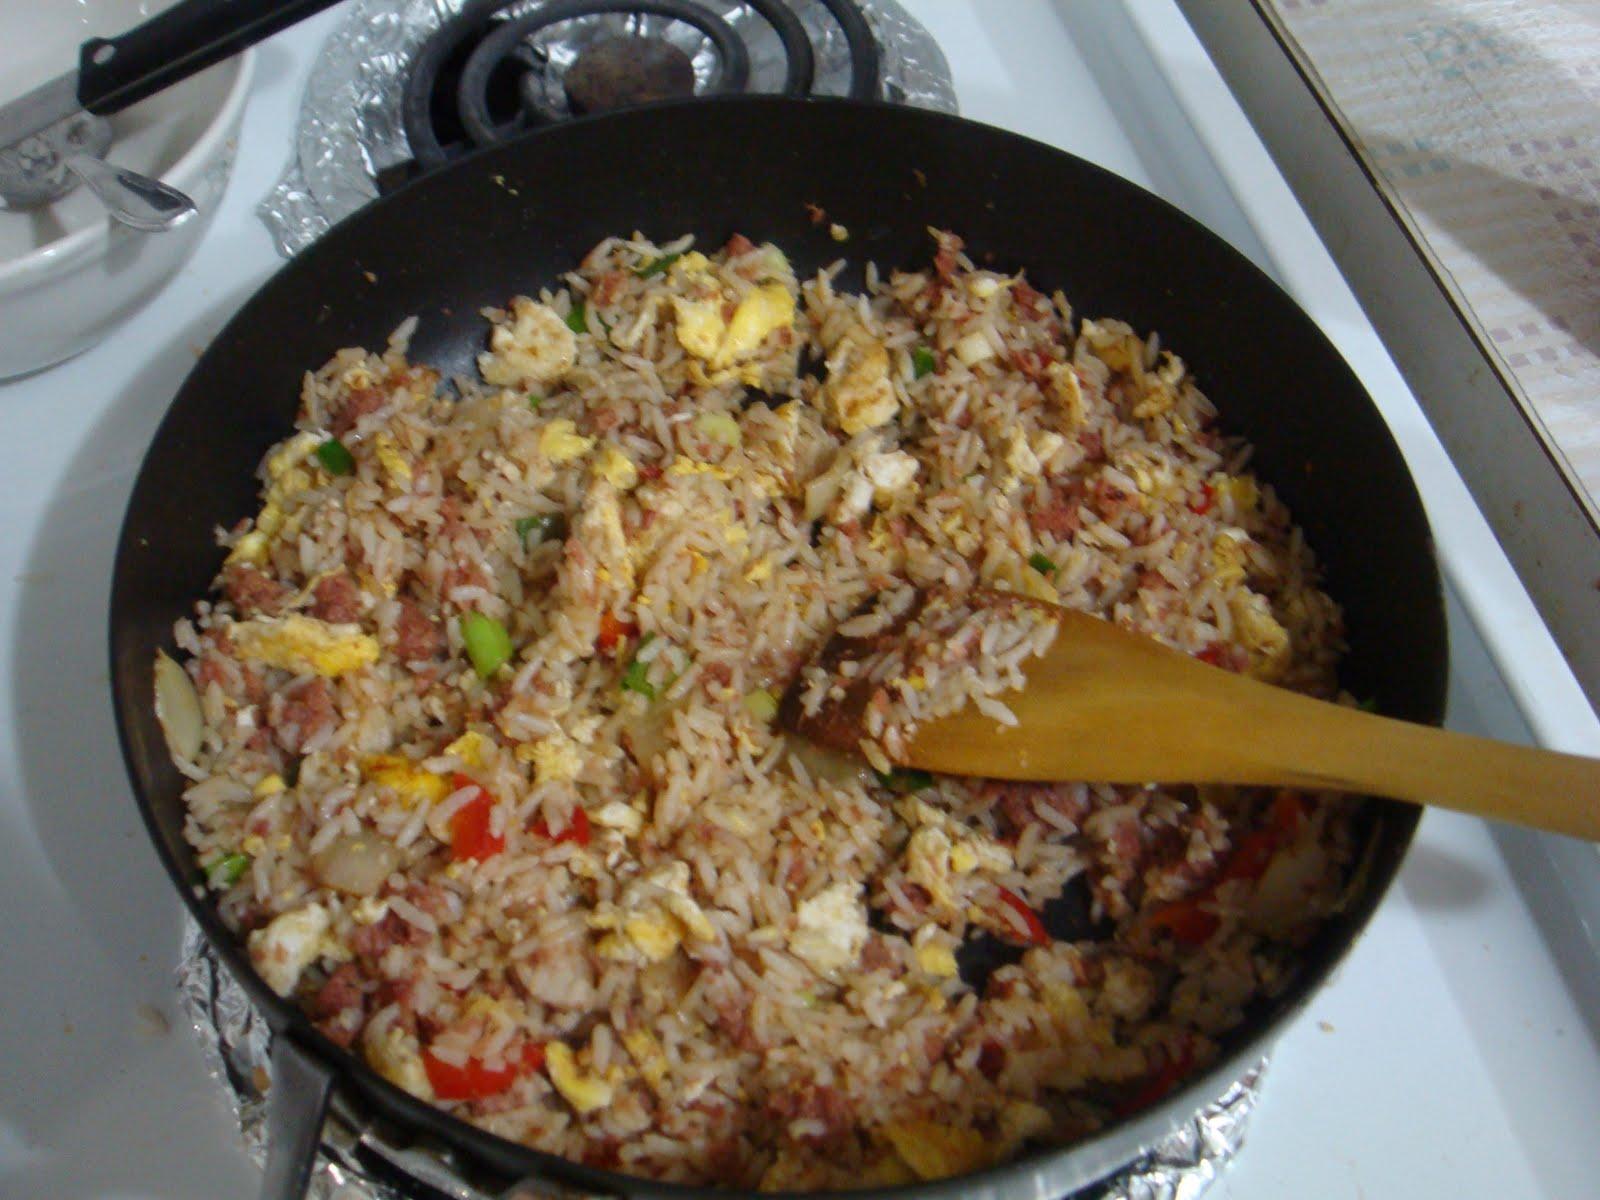 Nasi Goreng Paling Mudah Resep Cara Membuat Nasi Goreng Spesial Enak